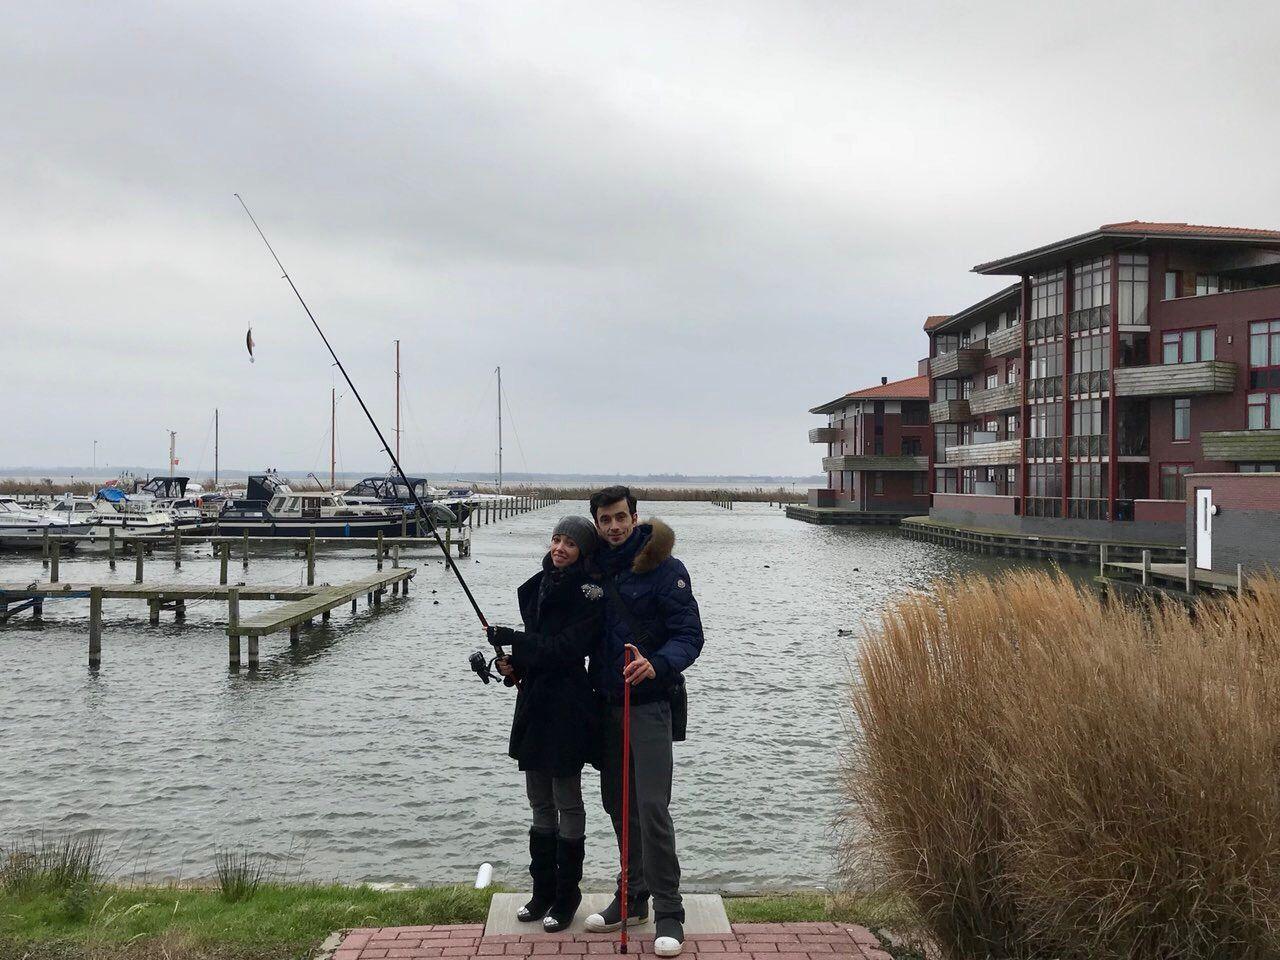 Екатерина Кухар и Александр Стоянов насладились поездкой в Амстердам - фото 357817